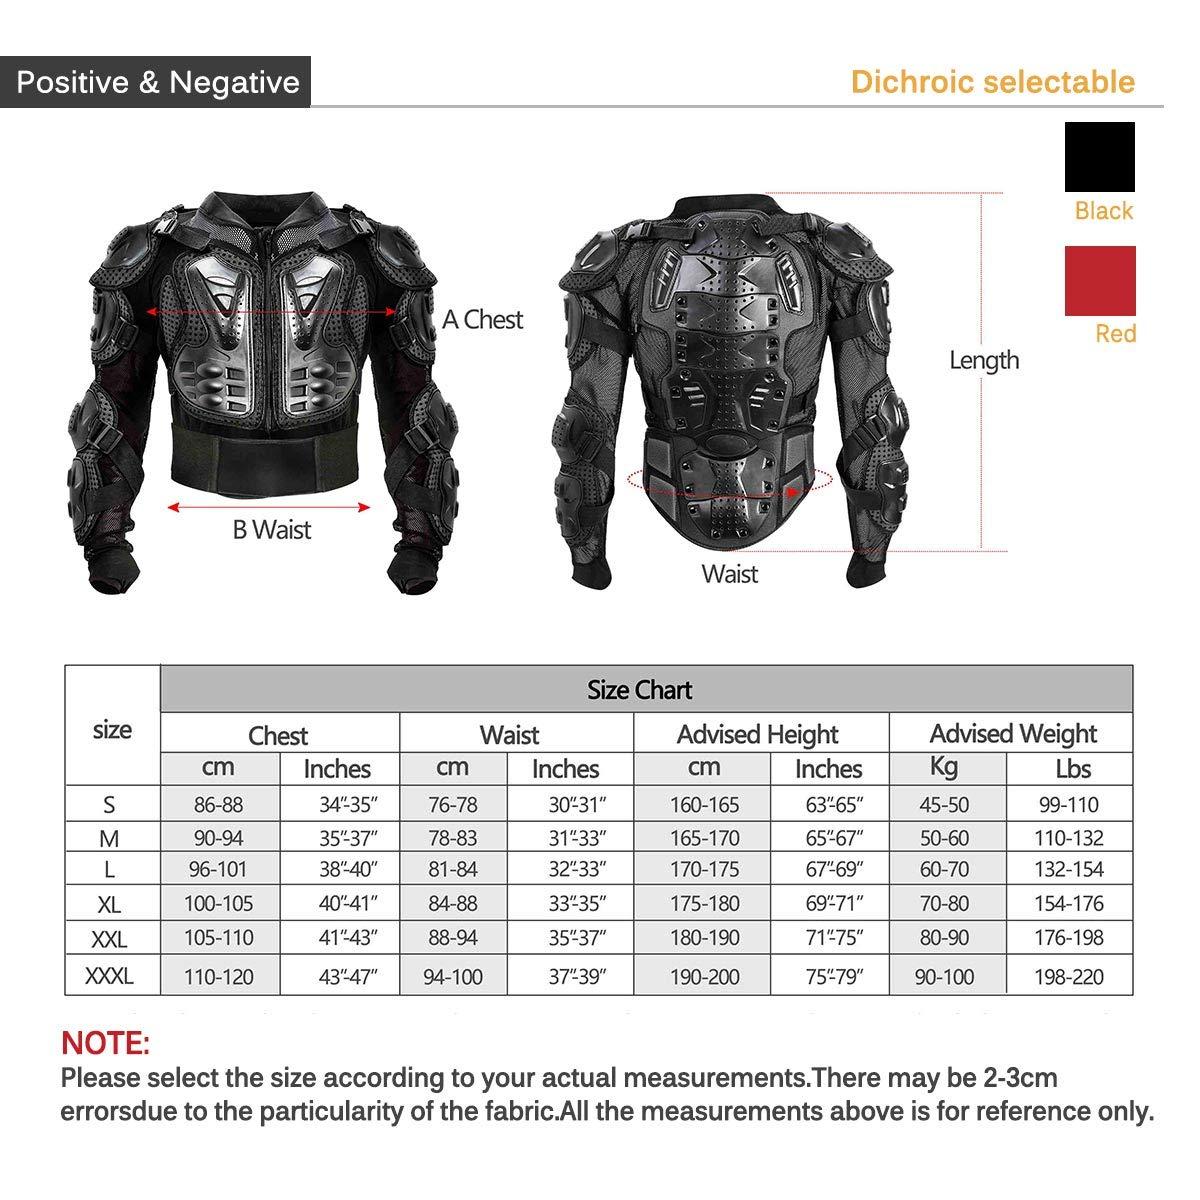 Rojo, XXL KINGUARD Chaqueta de Moto Chaqueta Protectora Cuerpo Armadura Profesional de Motocicleta Protecci/ón del Cuerpo Entero Spine Chest para Hombres Mujeres